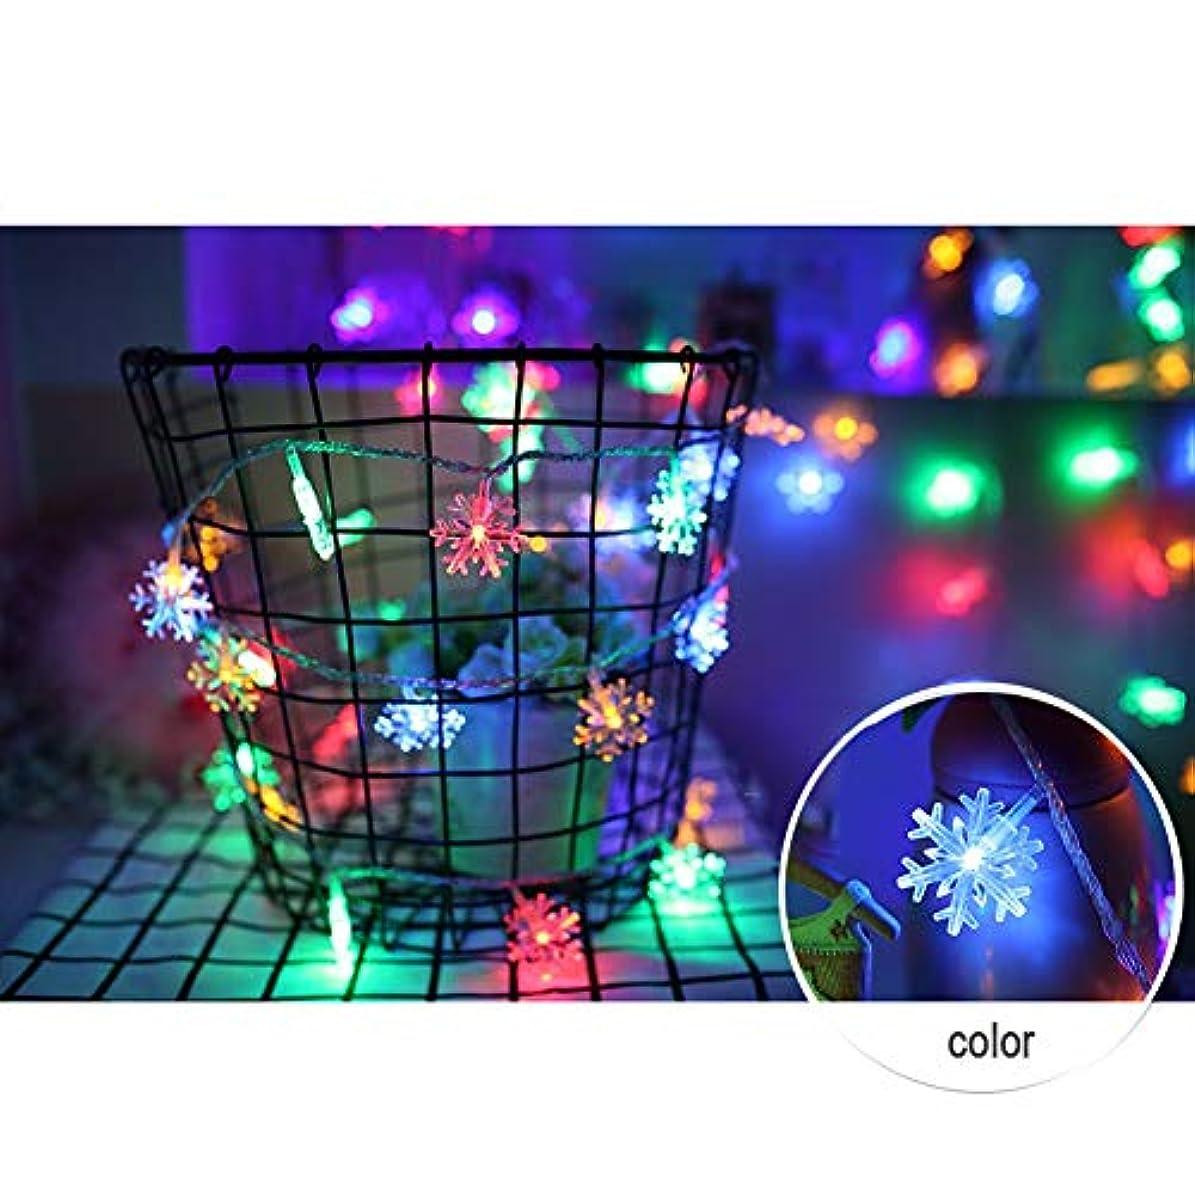 世紀彼らのもの検出器電池式 ストリングライト - 防雨型 スノーフレークLEDイルミネ ーションライト ロマンチックな雰囲気を作る屋外用 ワイヤーライト イルミネーションライト、庭、パティオ、バルコニ、ークリスマス